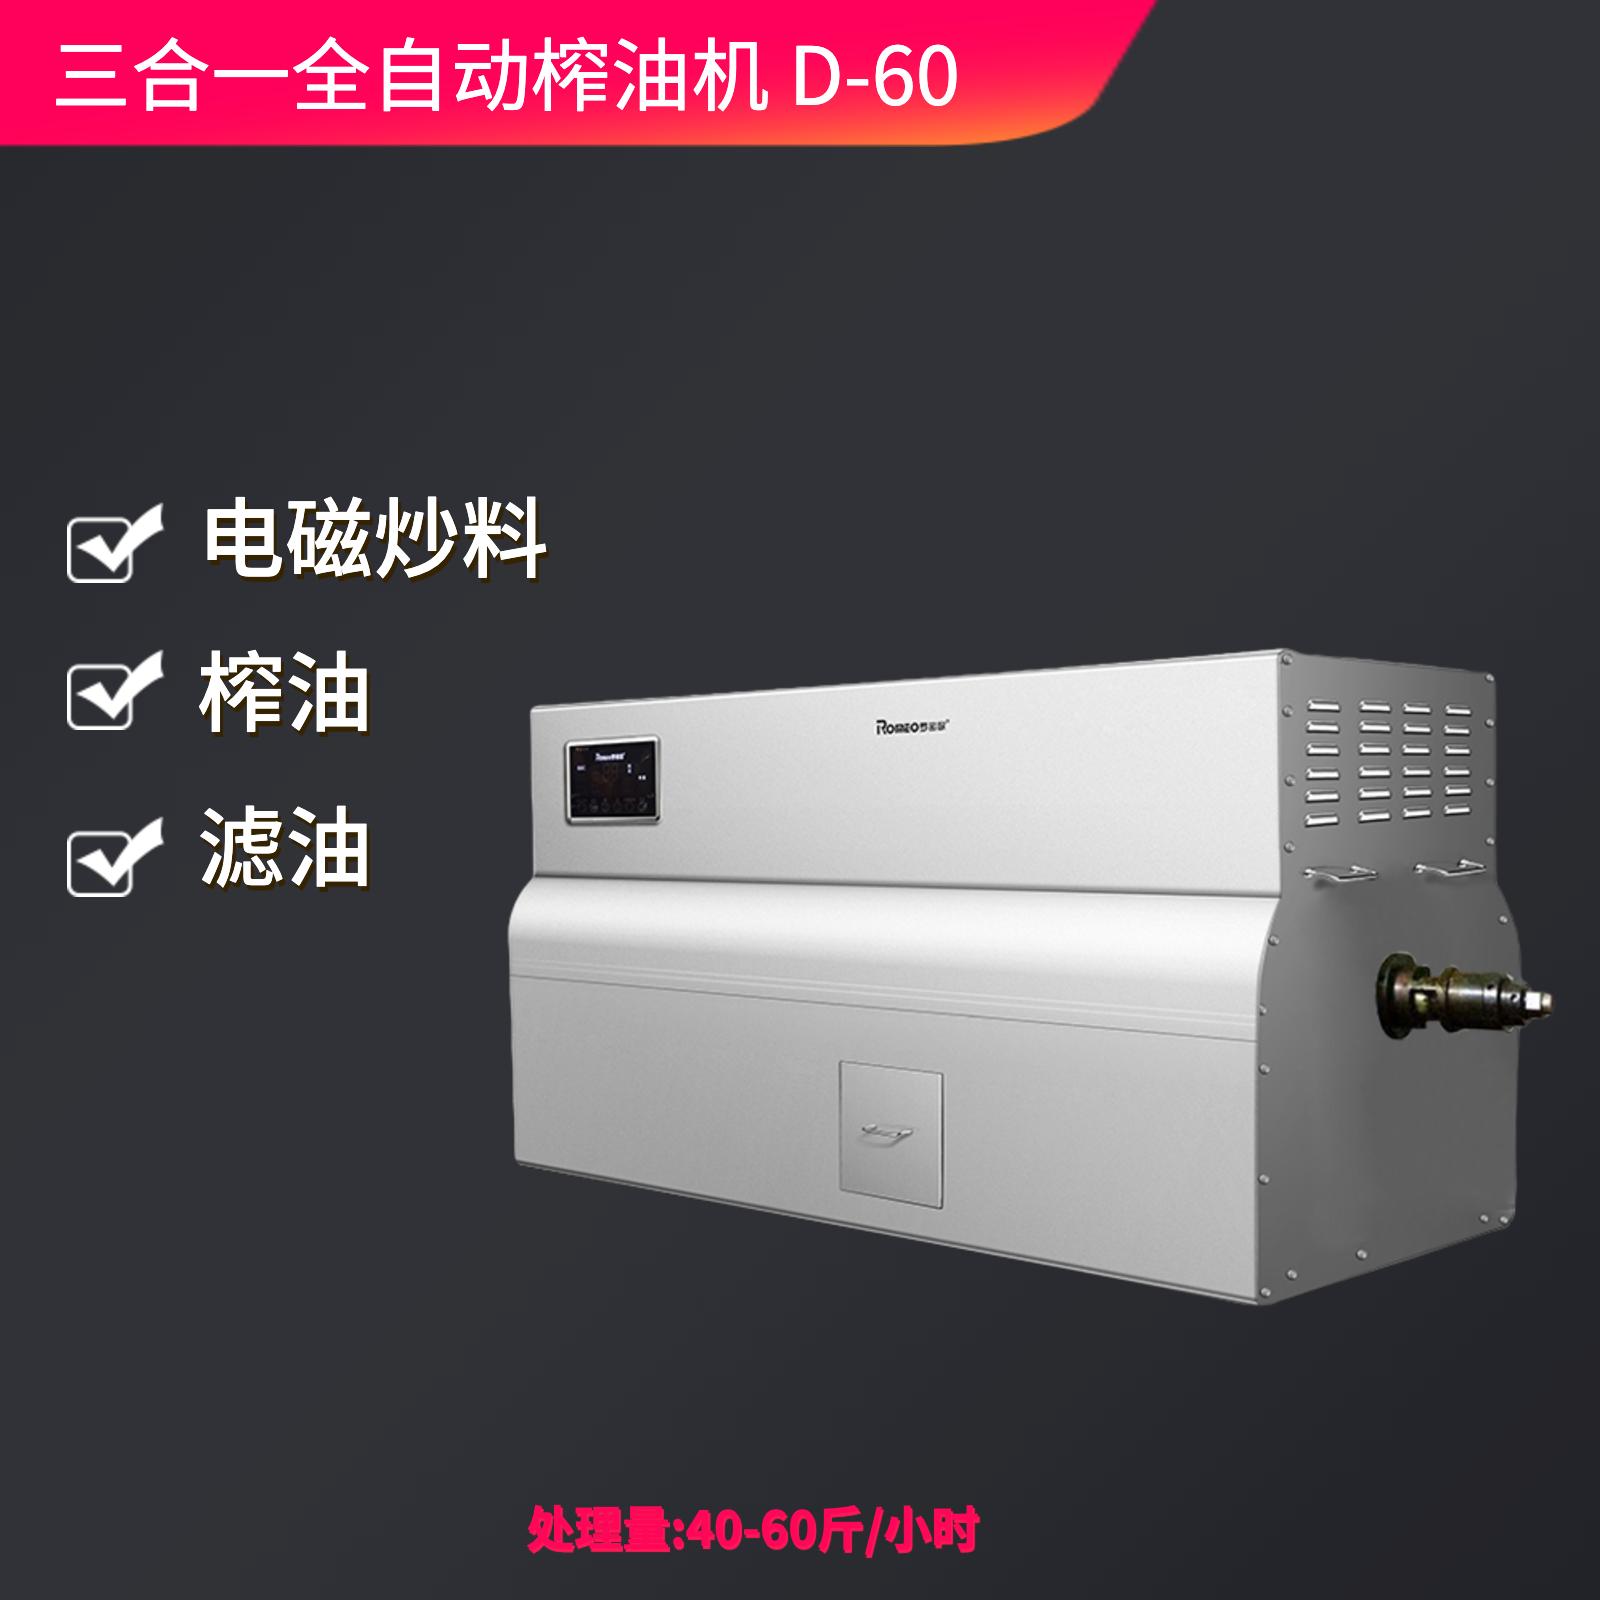 电磁炒料榨油机D-60